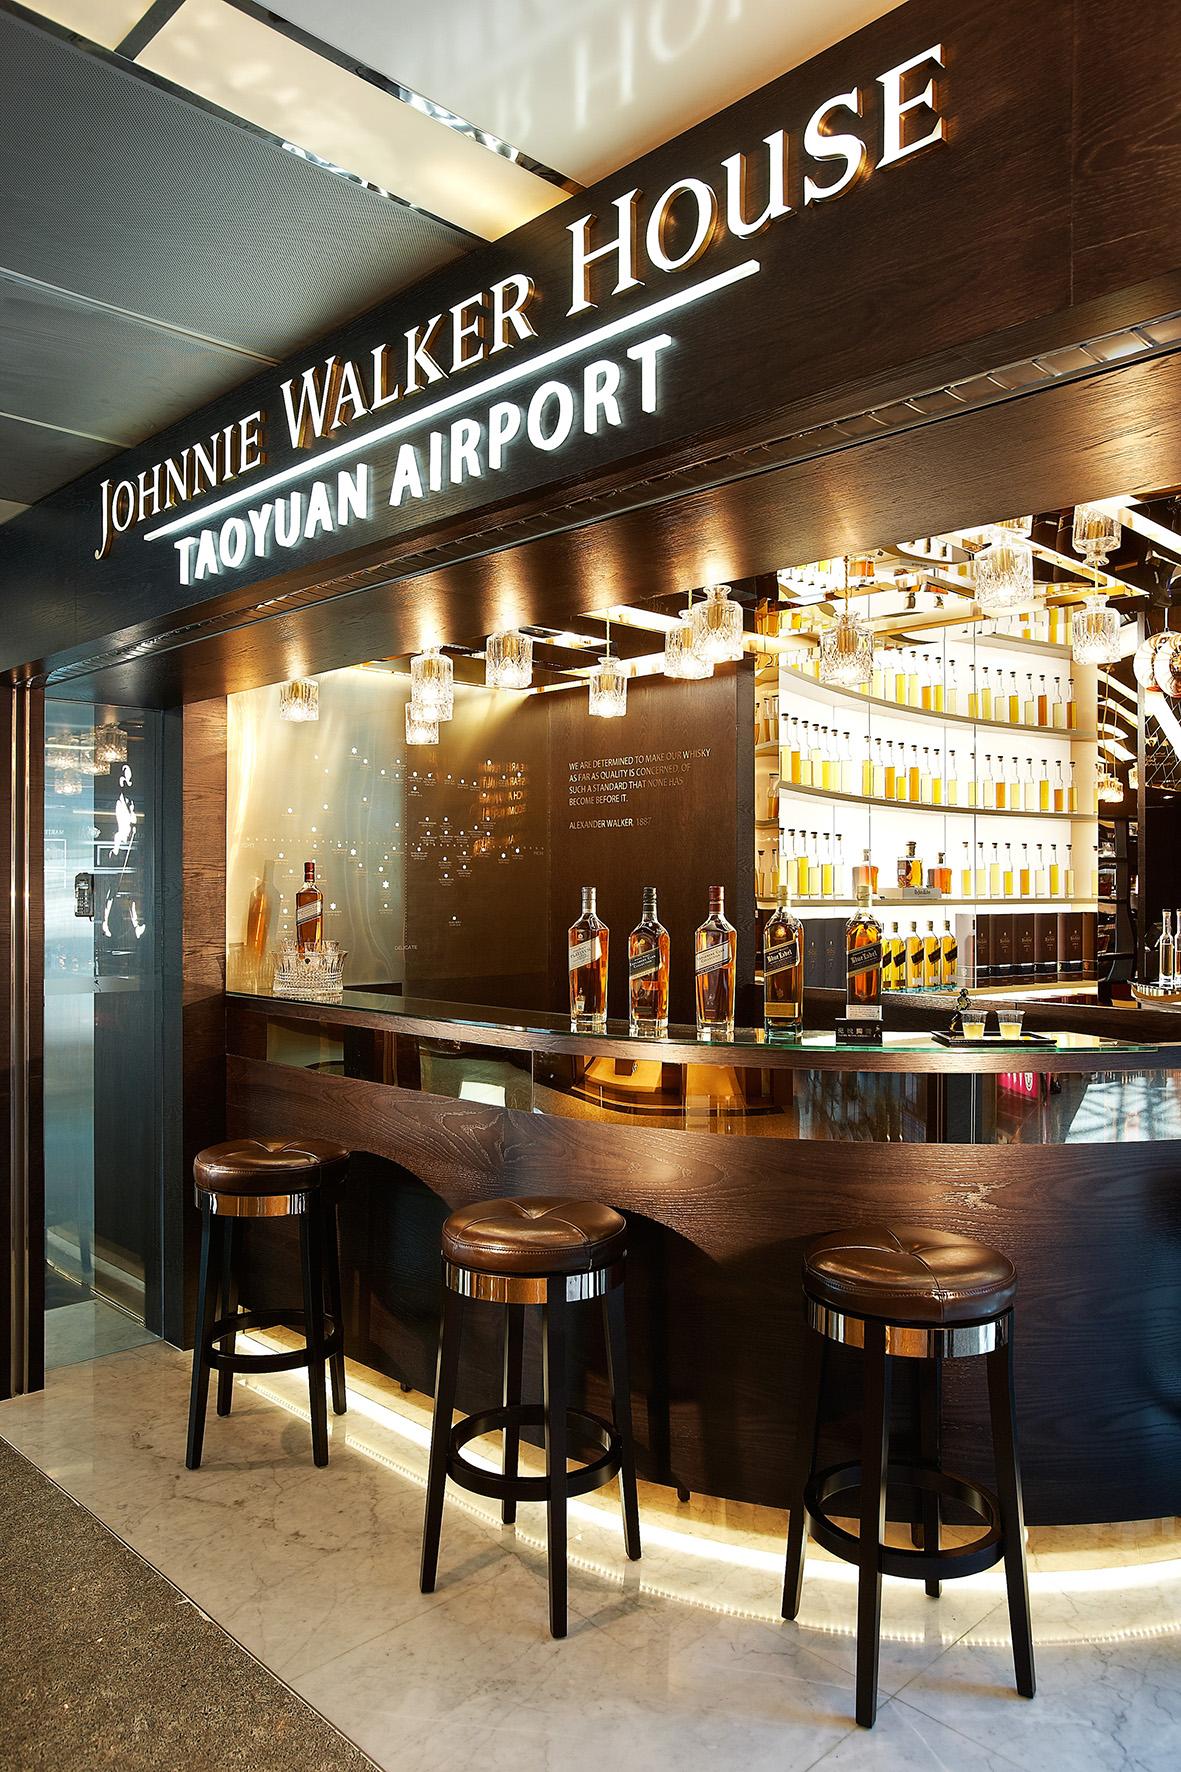 圖2:臺灣桃園國際機場 JOHNNIE WALKER HOUSE™入口處一景